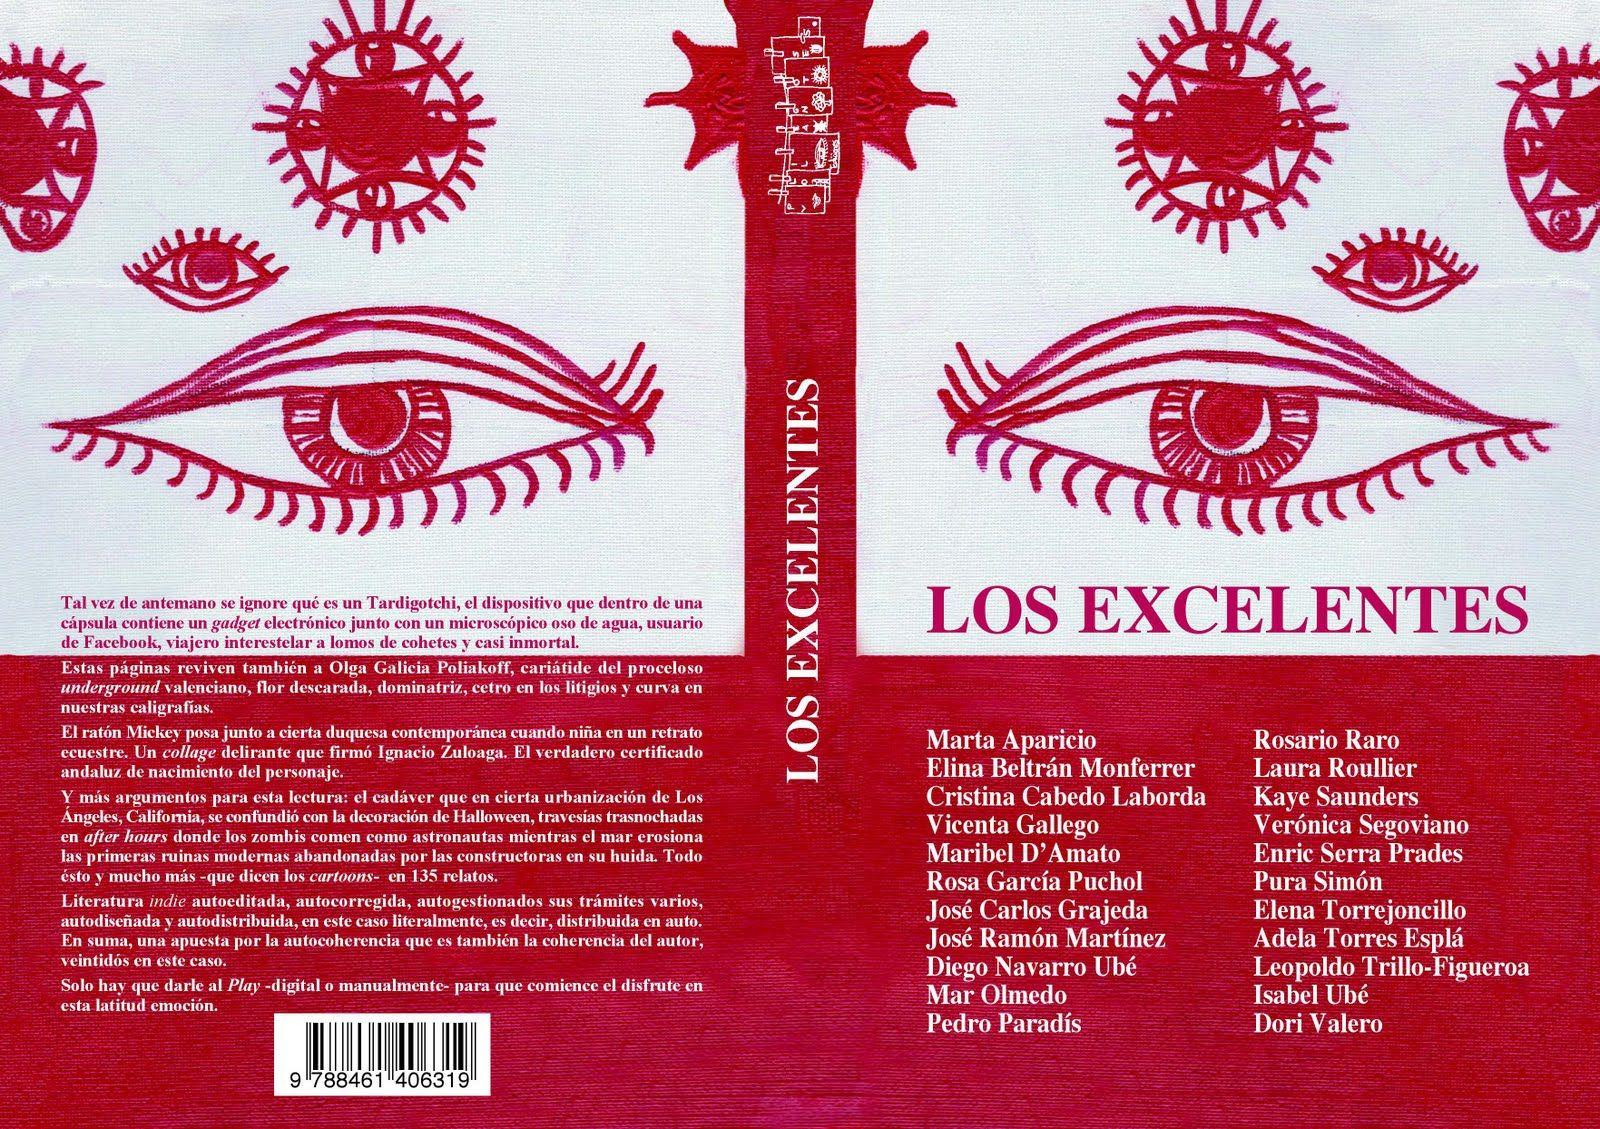 LOS EXCELENTES